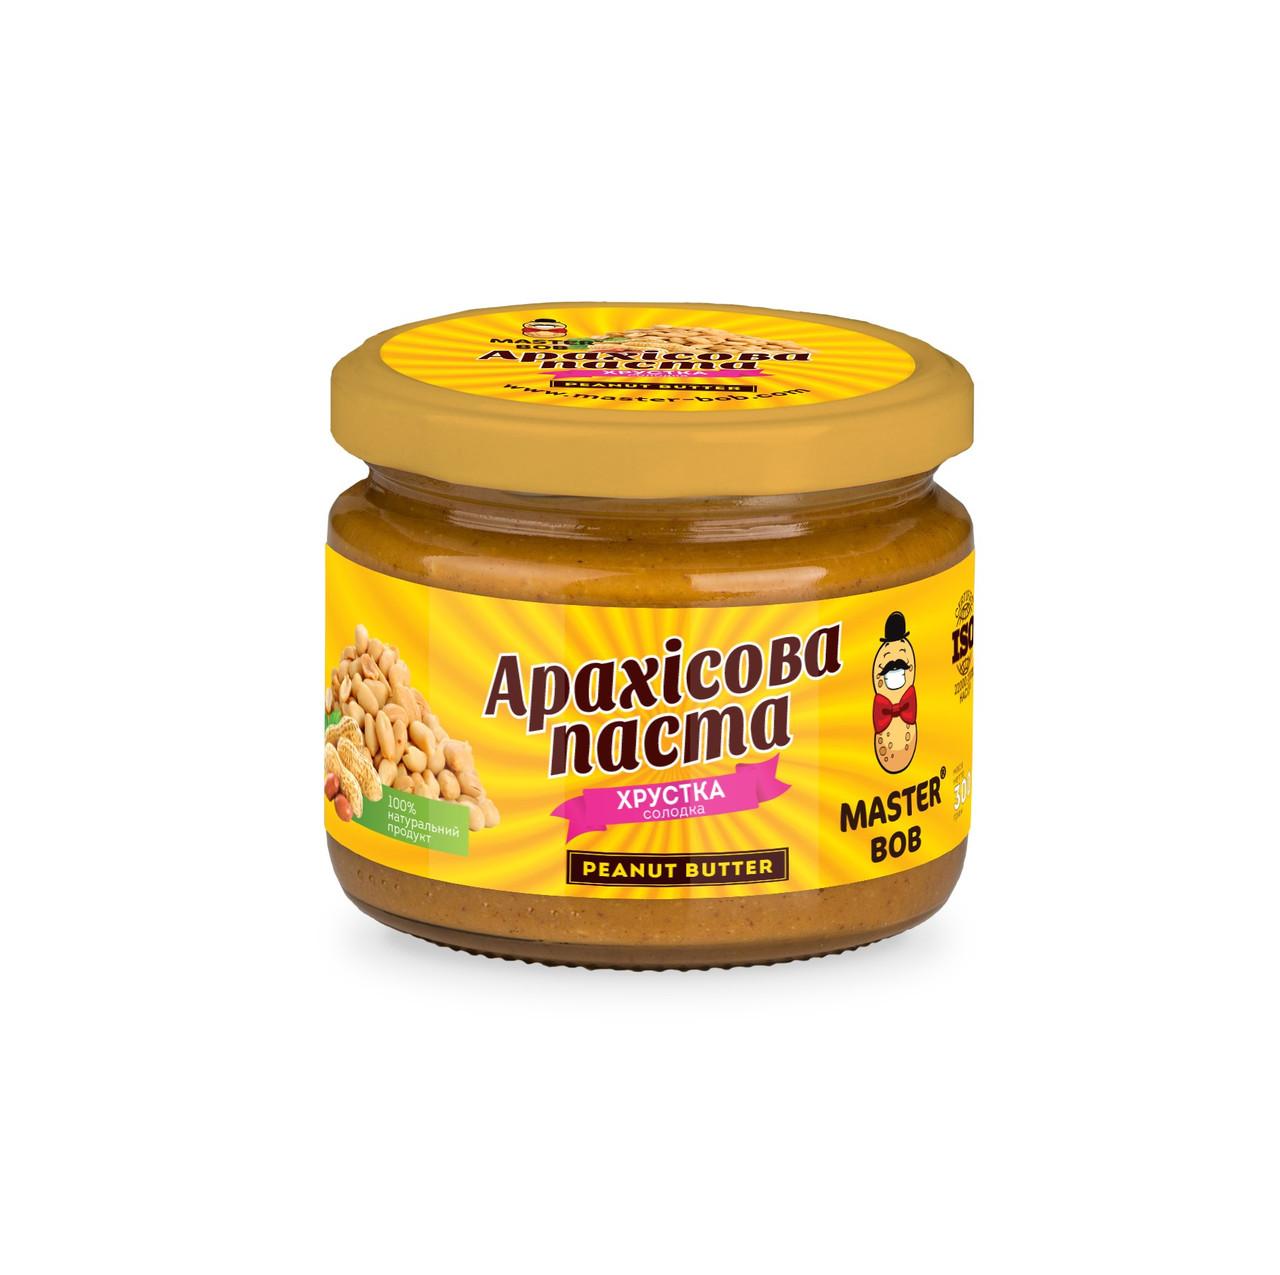 Арахісова паста Master Bob хрустка солодка 300 г (4820202930044)